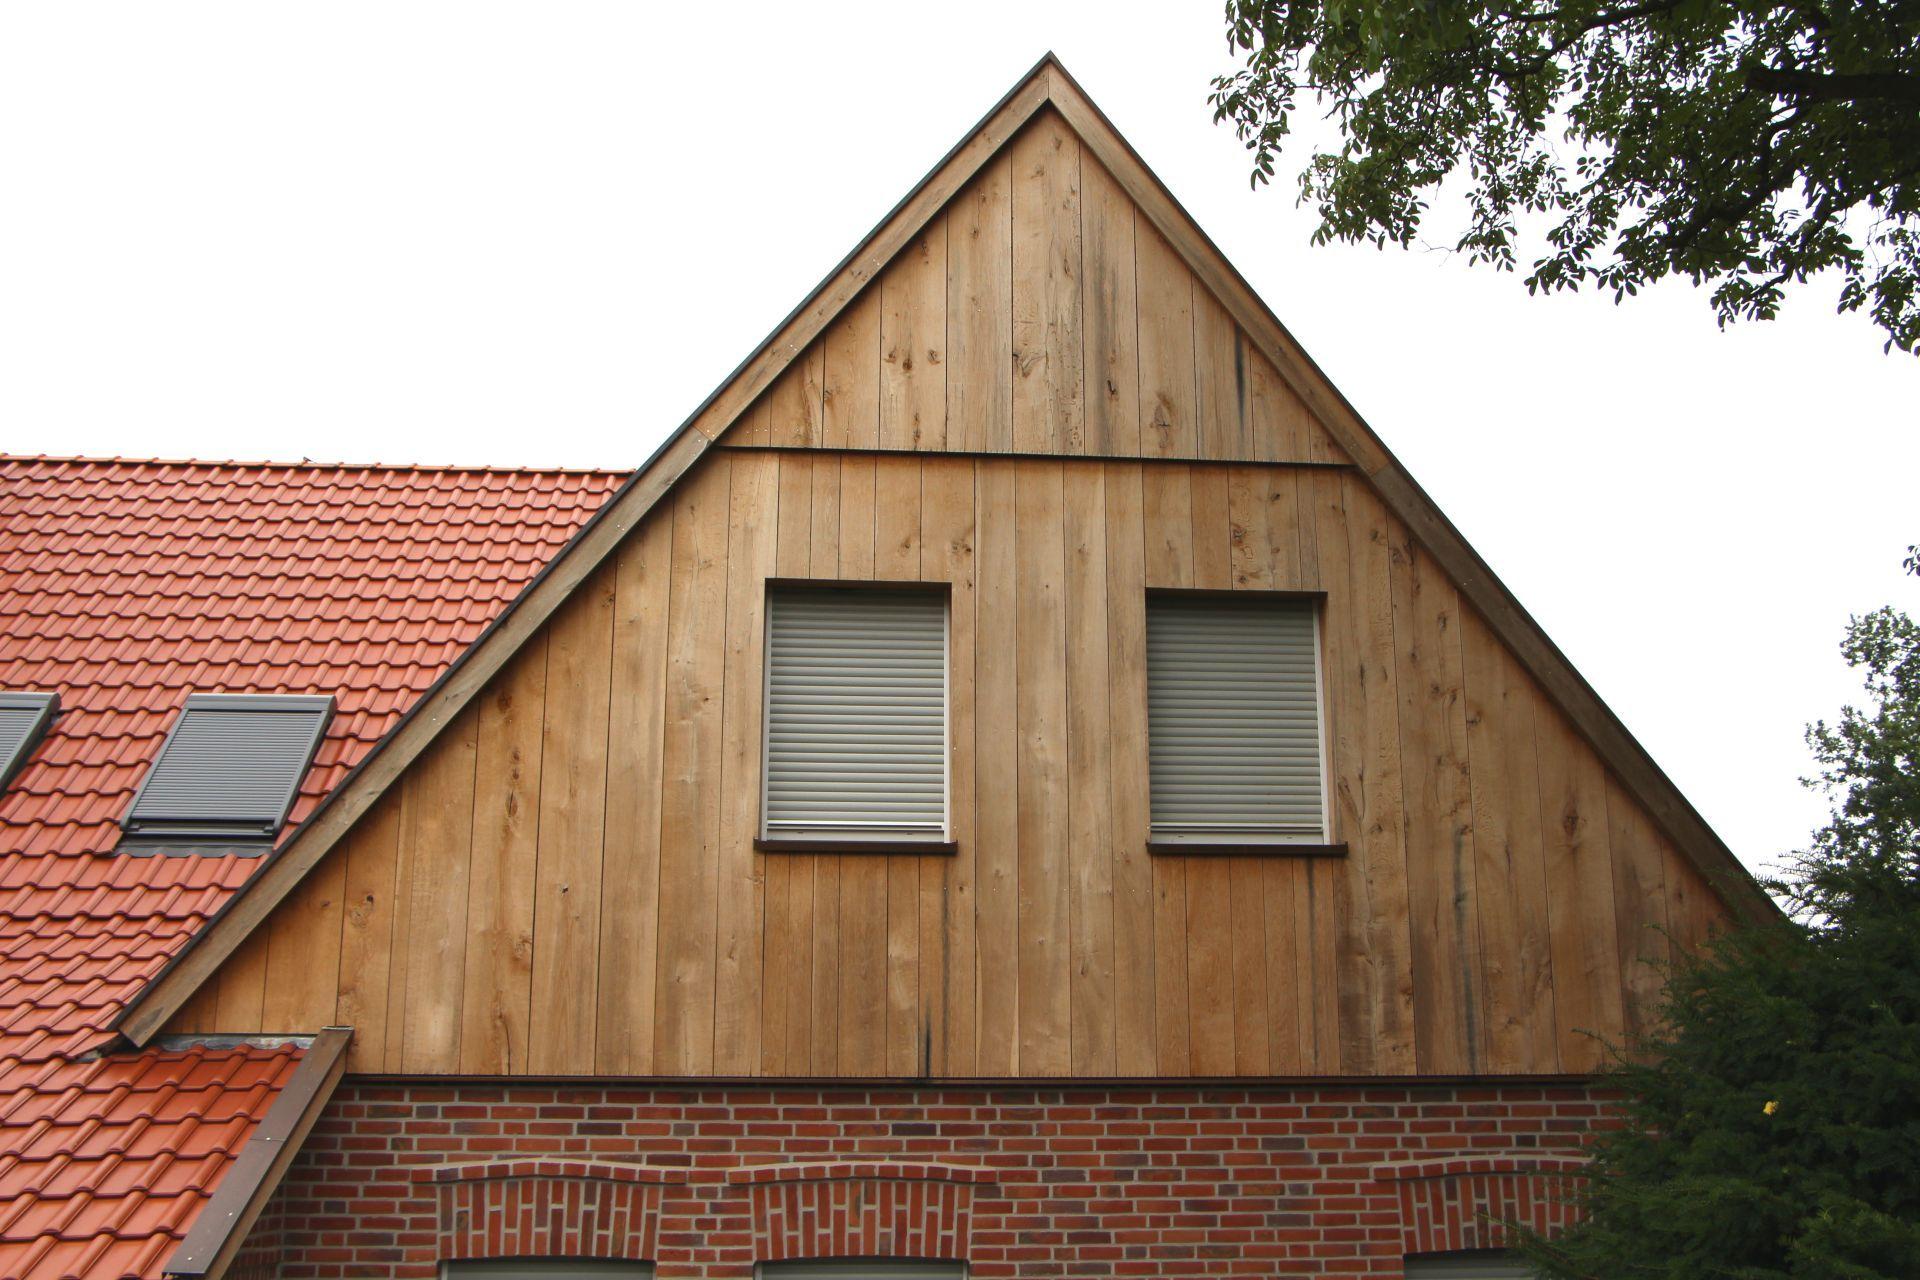 Giebelverkleidung Eines Bauernhauses Mit Eichenbrettern In Unterschiedlichen Fallenden Breiten Breiten Holzverkleidung Fassade Fassade Fassadengestaltung